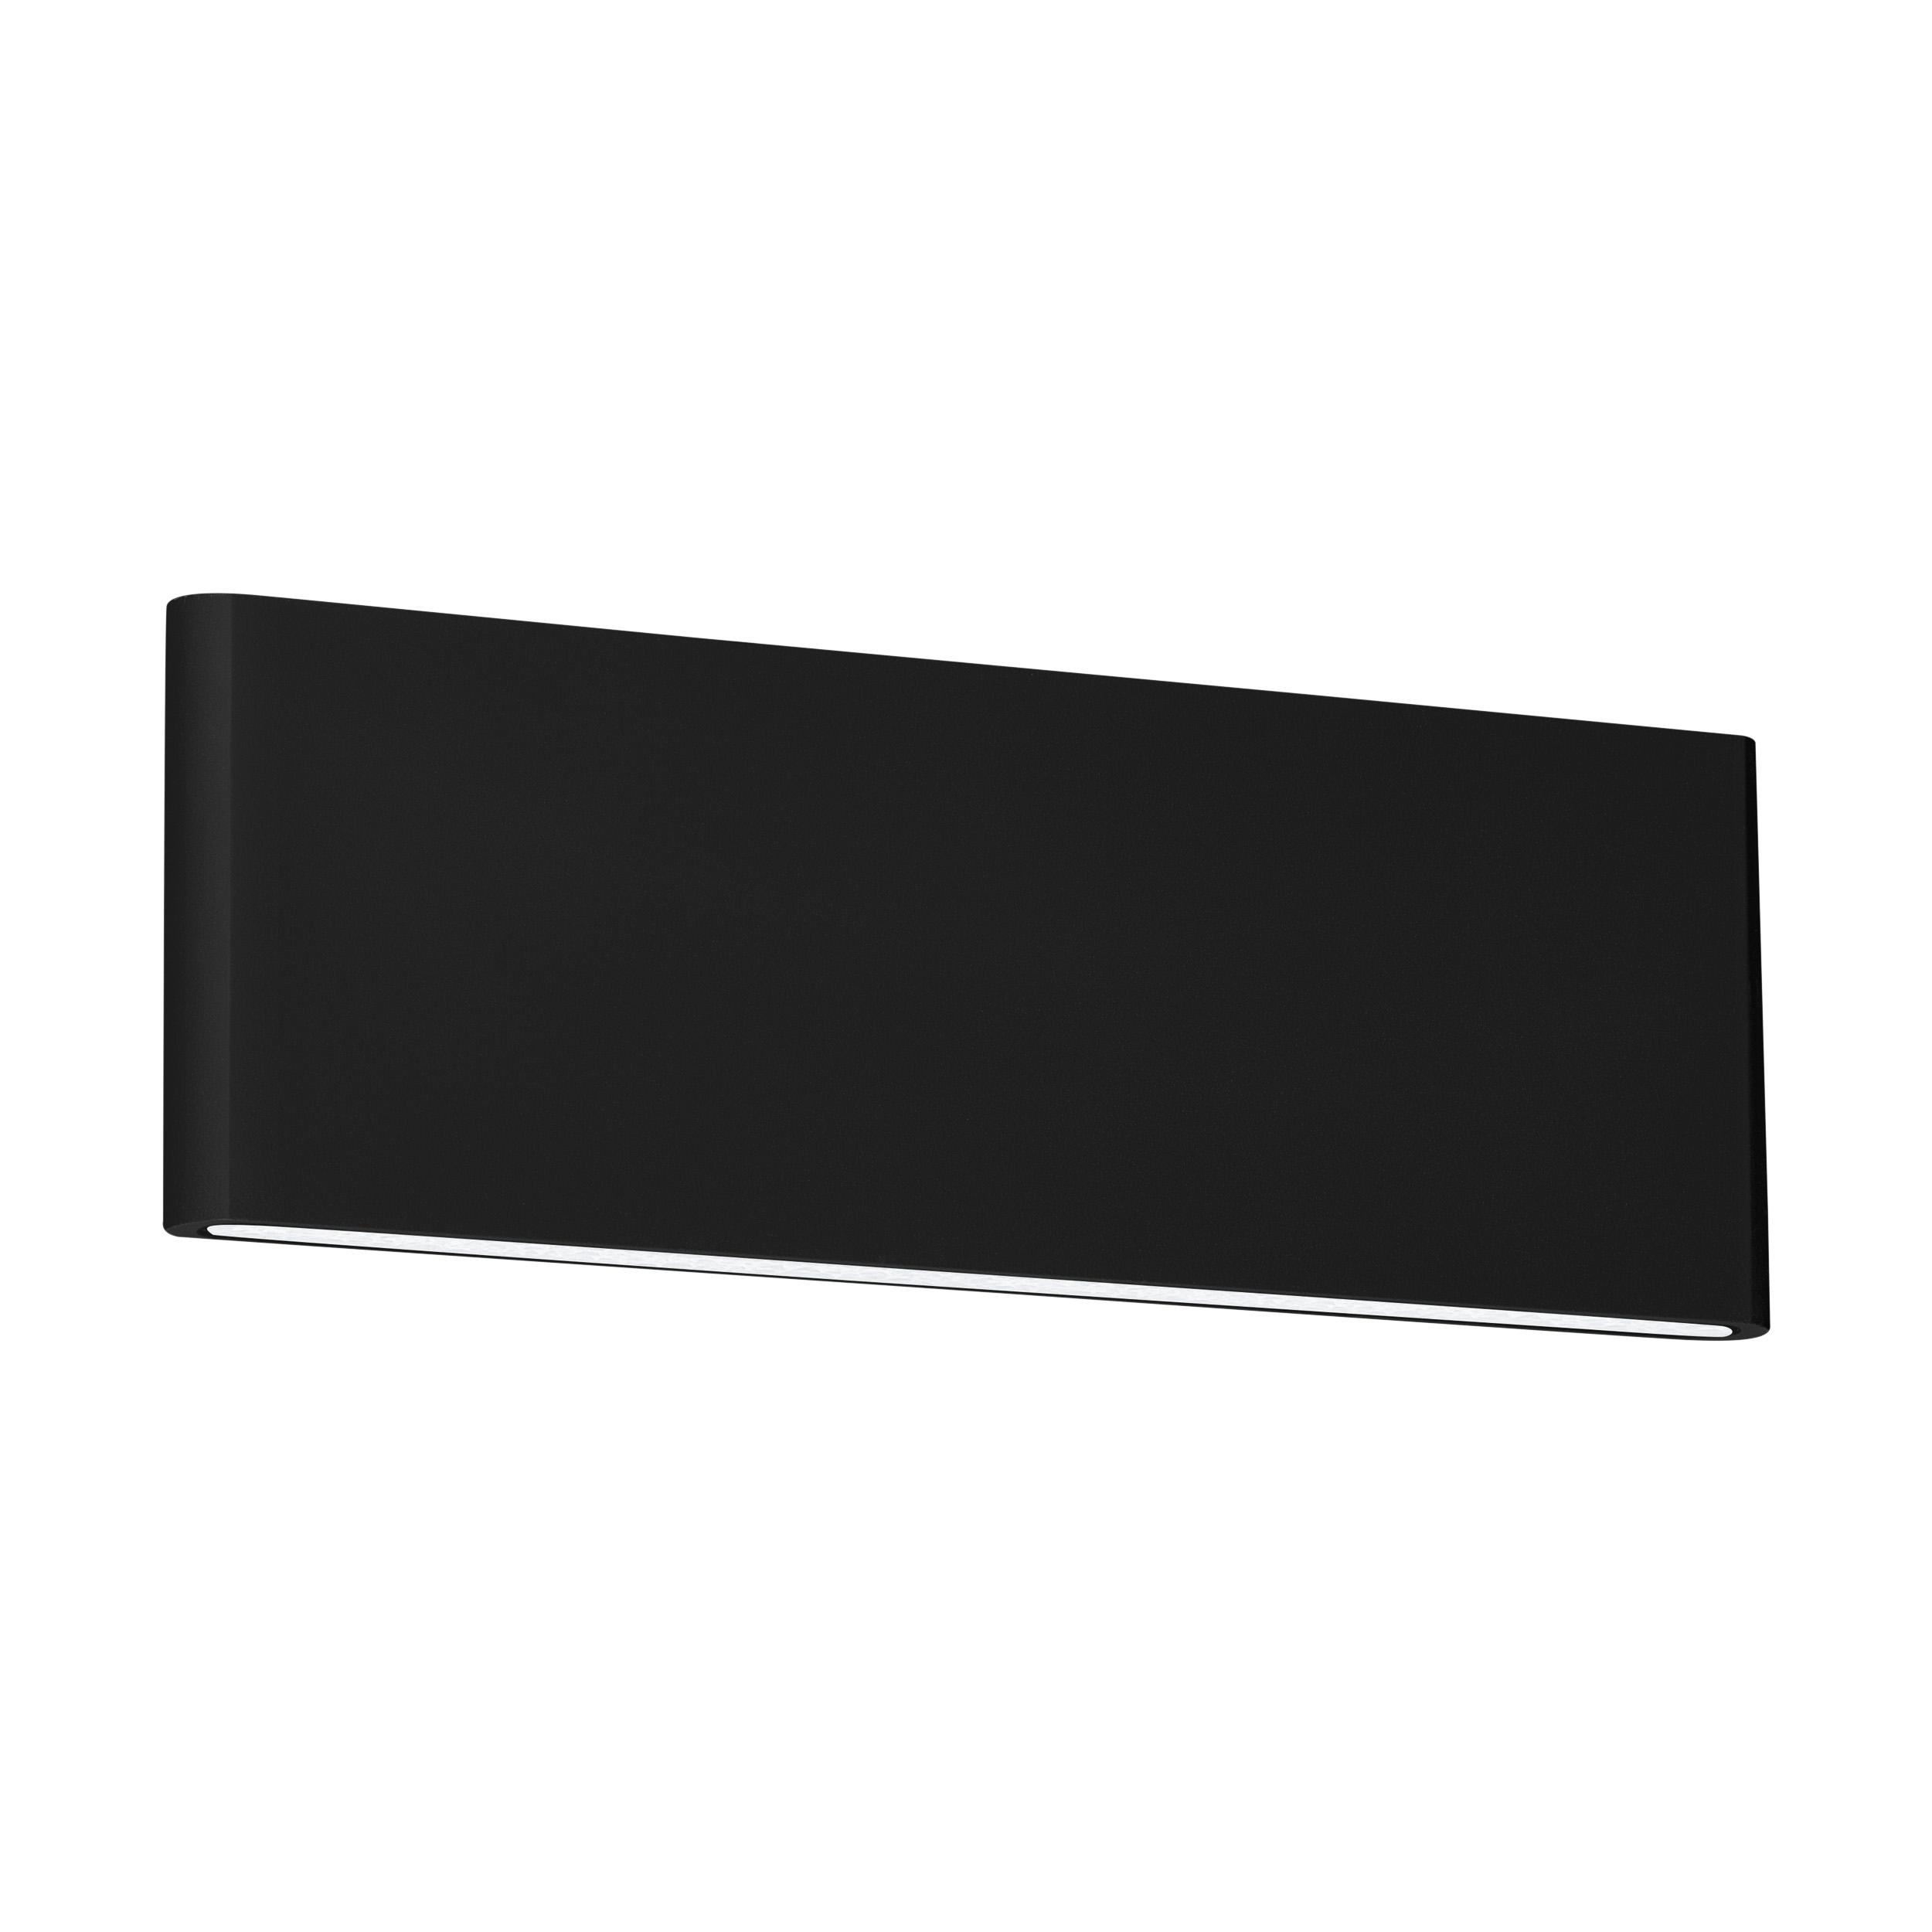 1 Stk Climene Pro D/I 2x4,2W 3000K anthrazit IP20 LI64032---